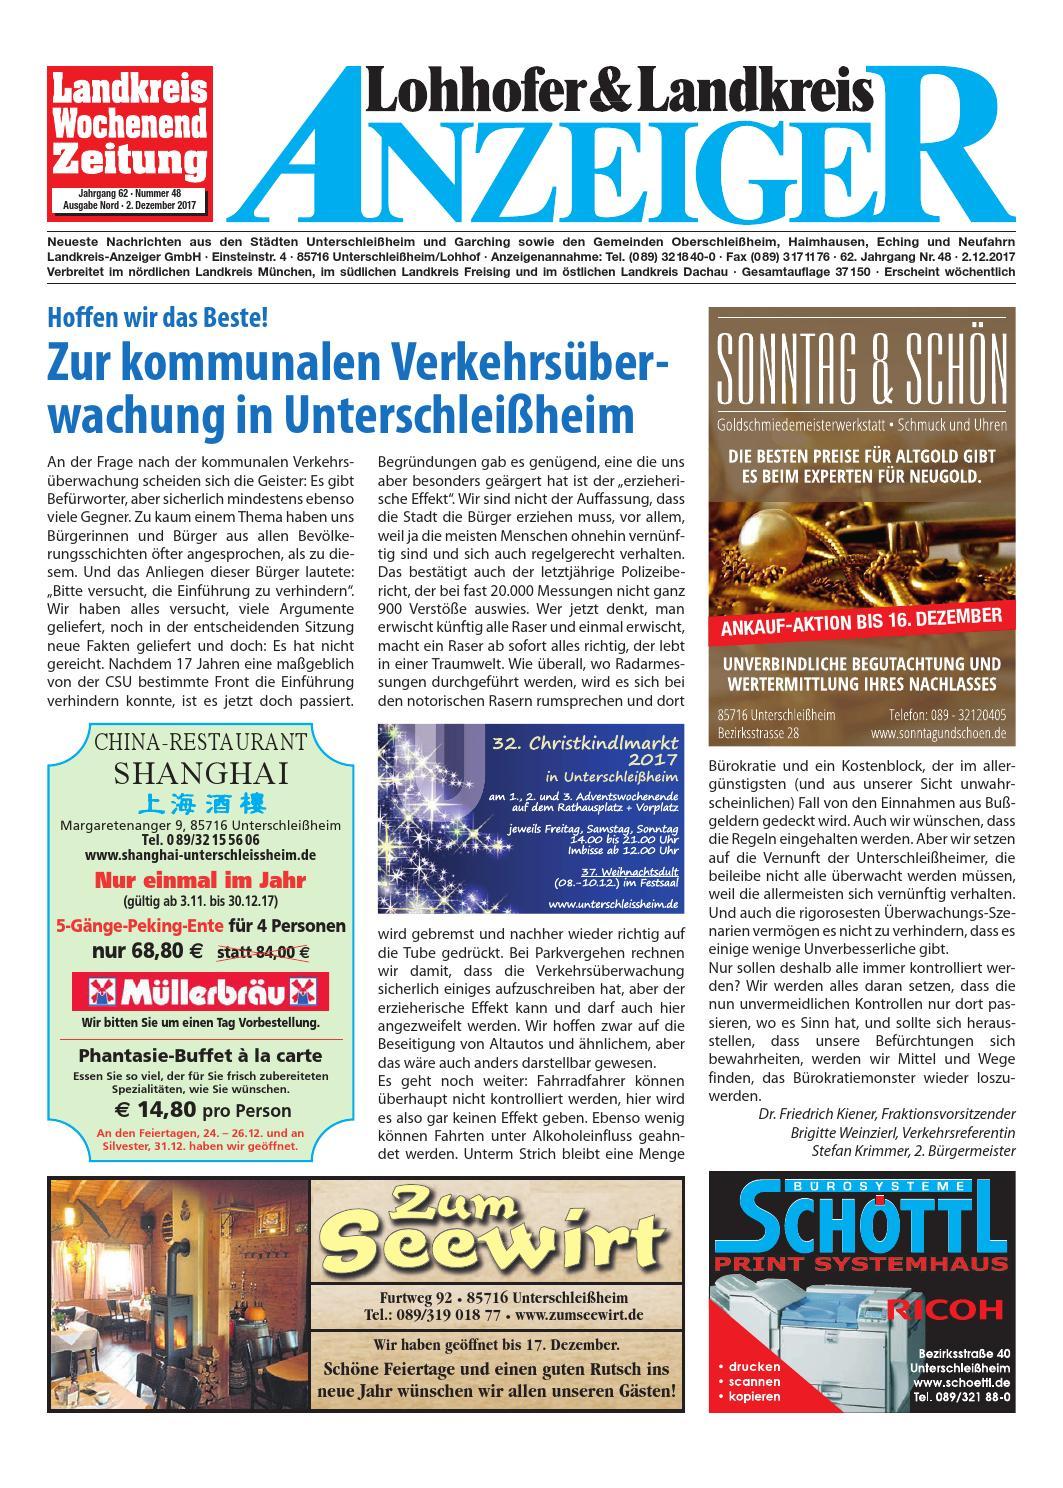 Hüte & Mützen Herren-accessoires Kreativ Herren Hut Gr 57 Festsetzung Der Preise Nach ProduktqualitäT